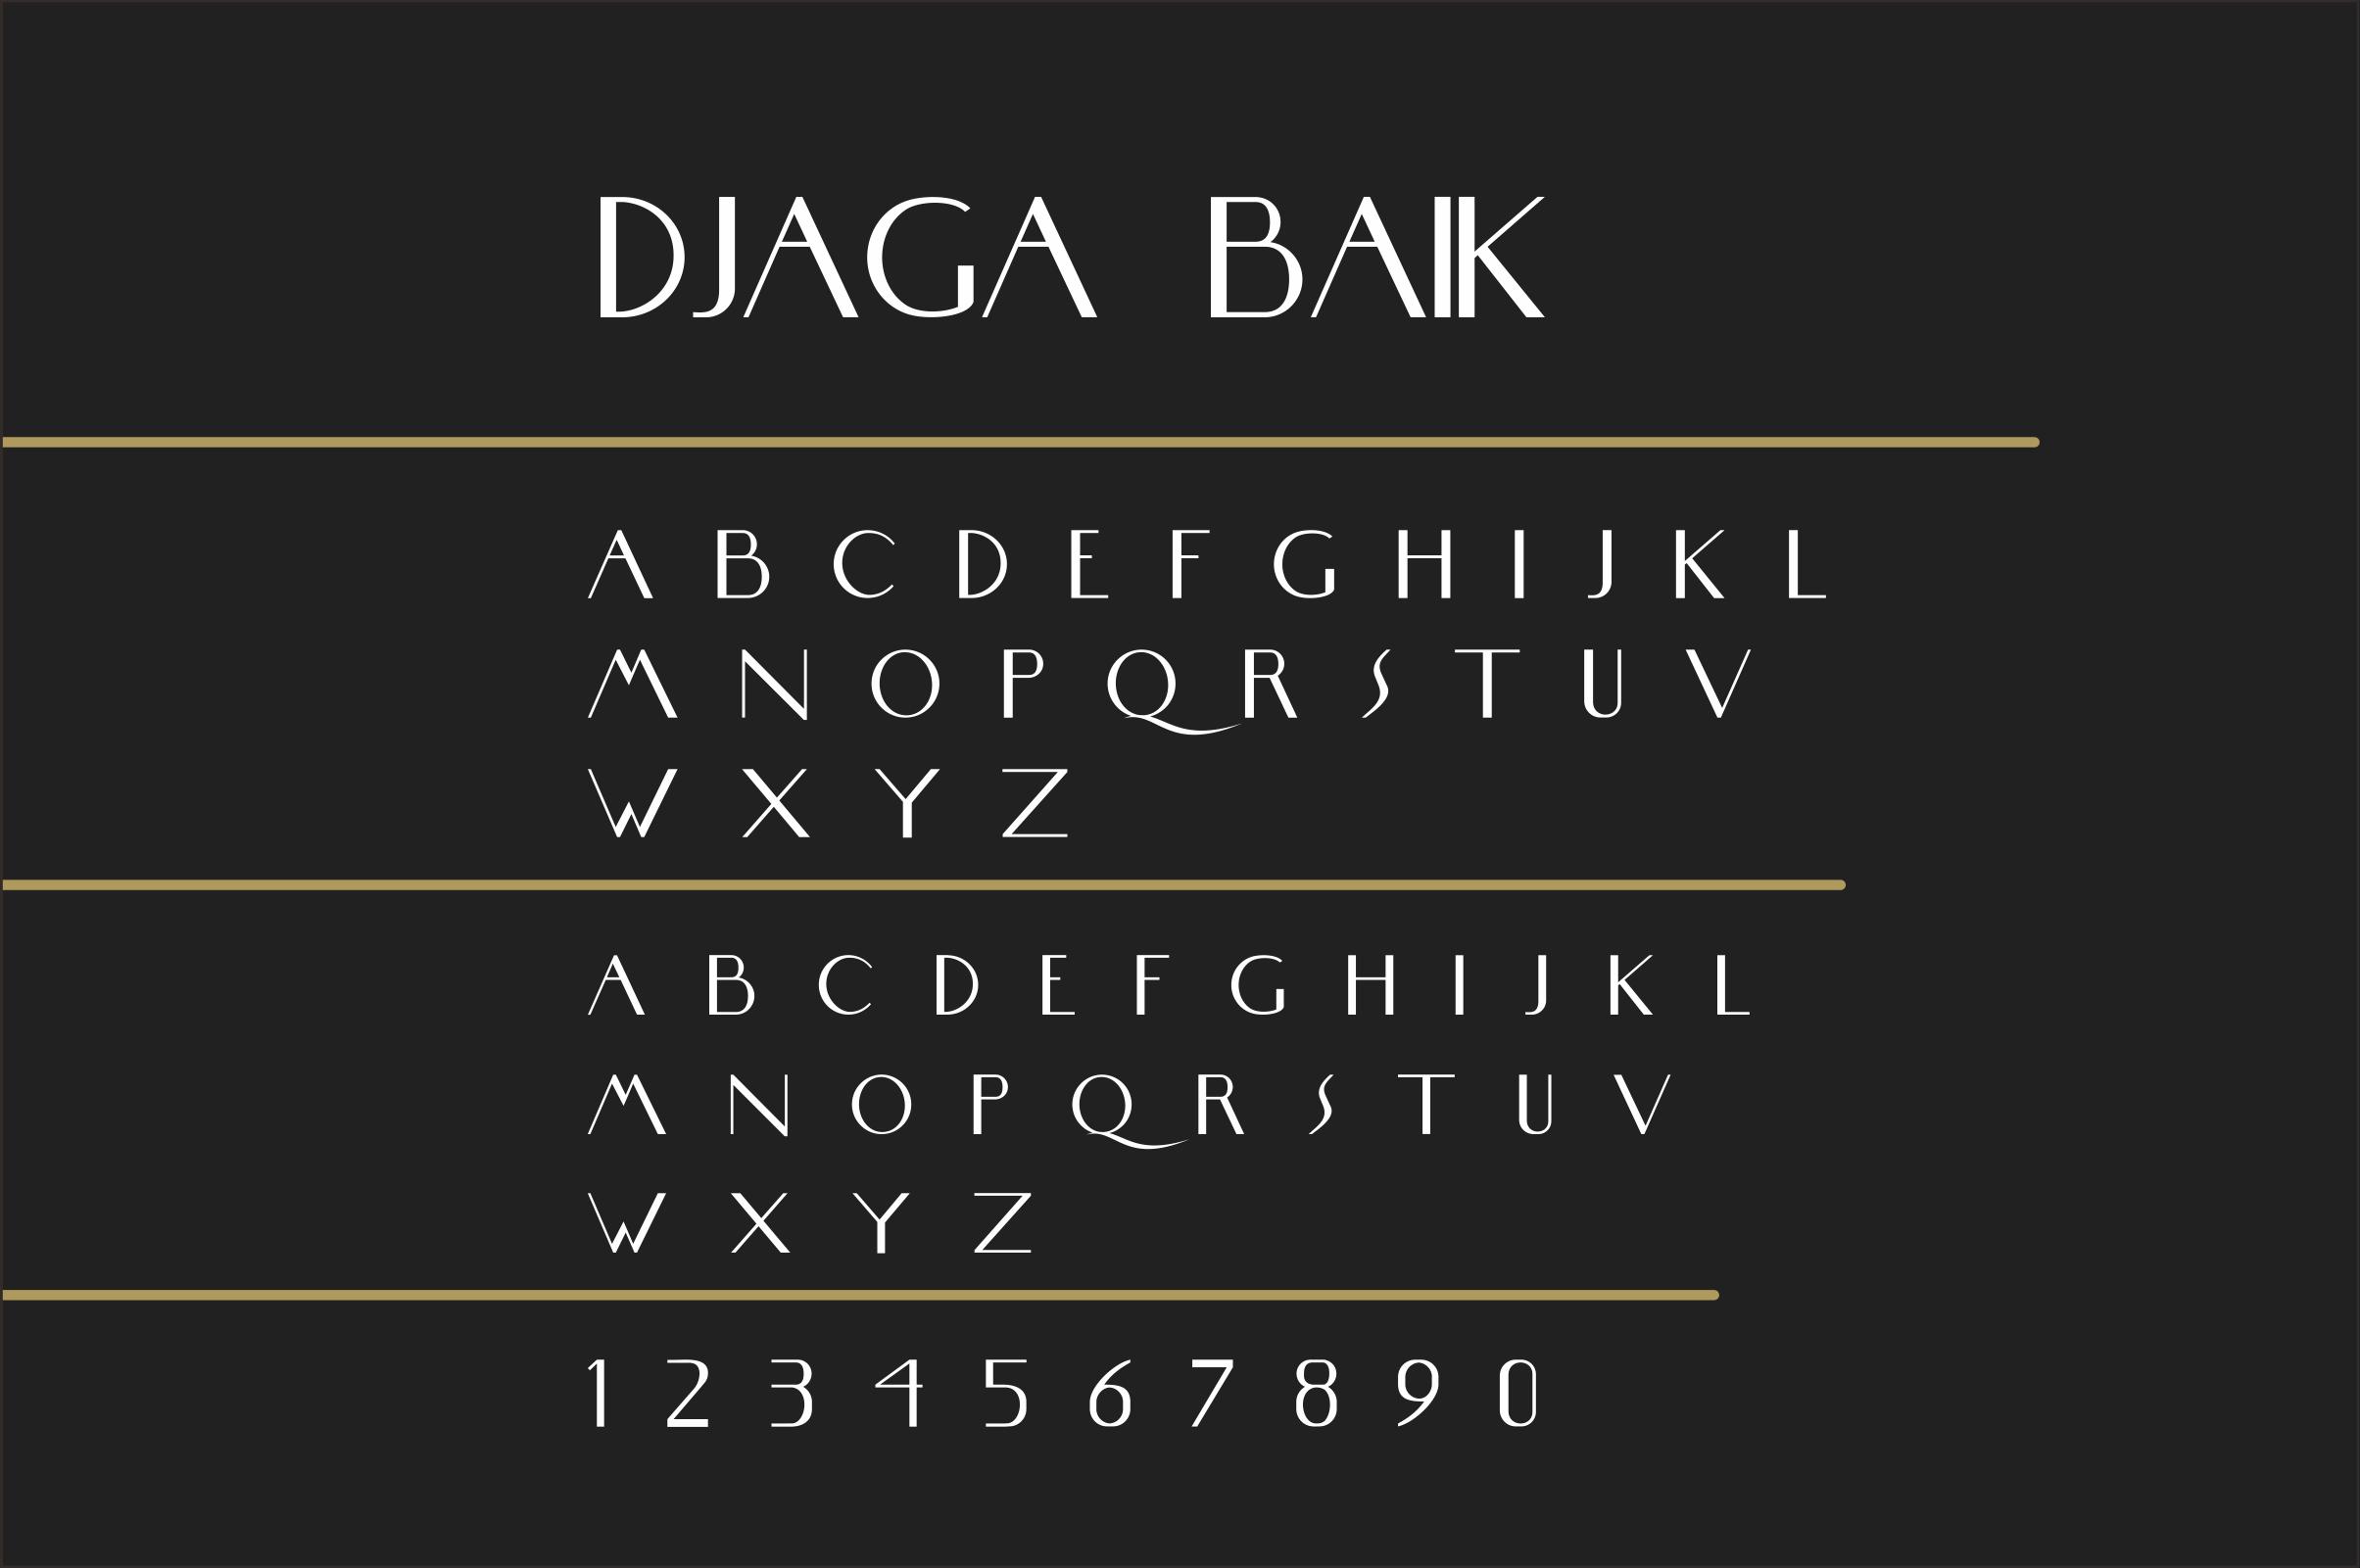 DJaga Baik (A classy Grotesque Sans) example image 2